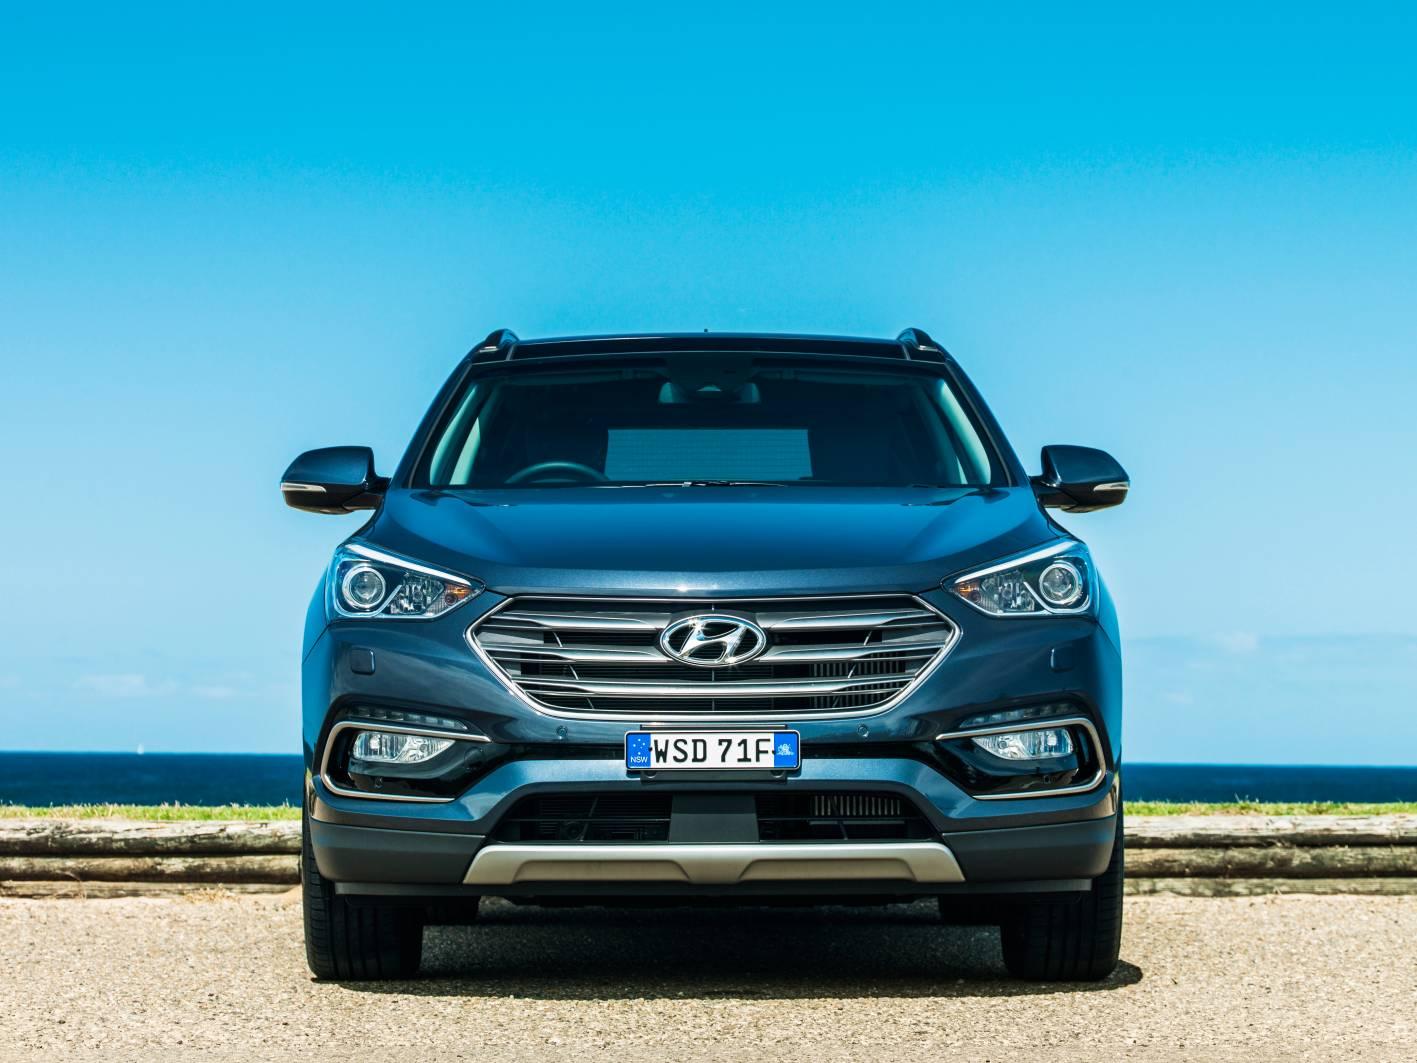 Should I Buy a Hyundai Santa Fe 7 Seater SUV? — Auto Expert by John